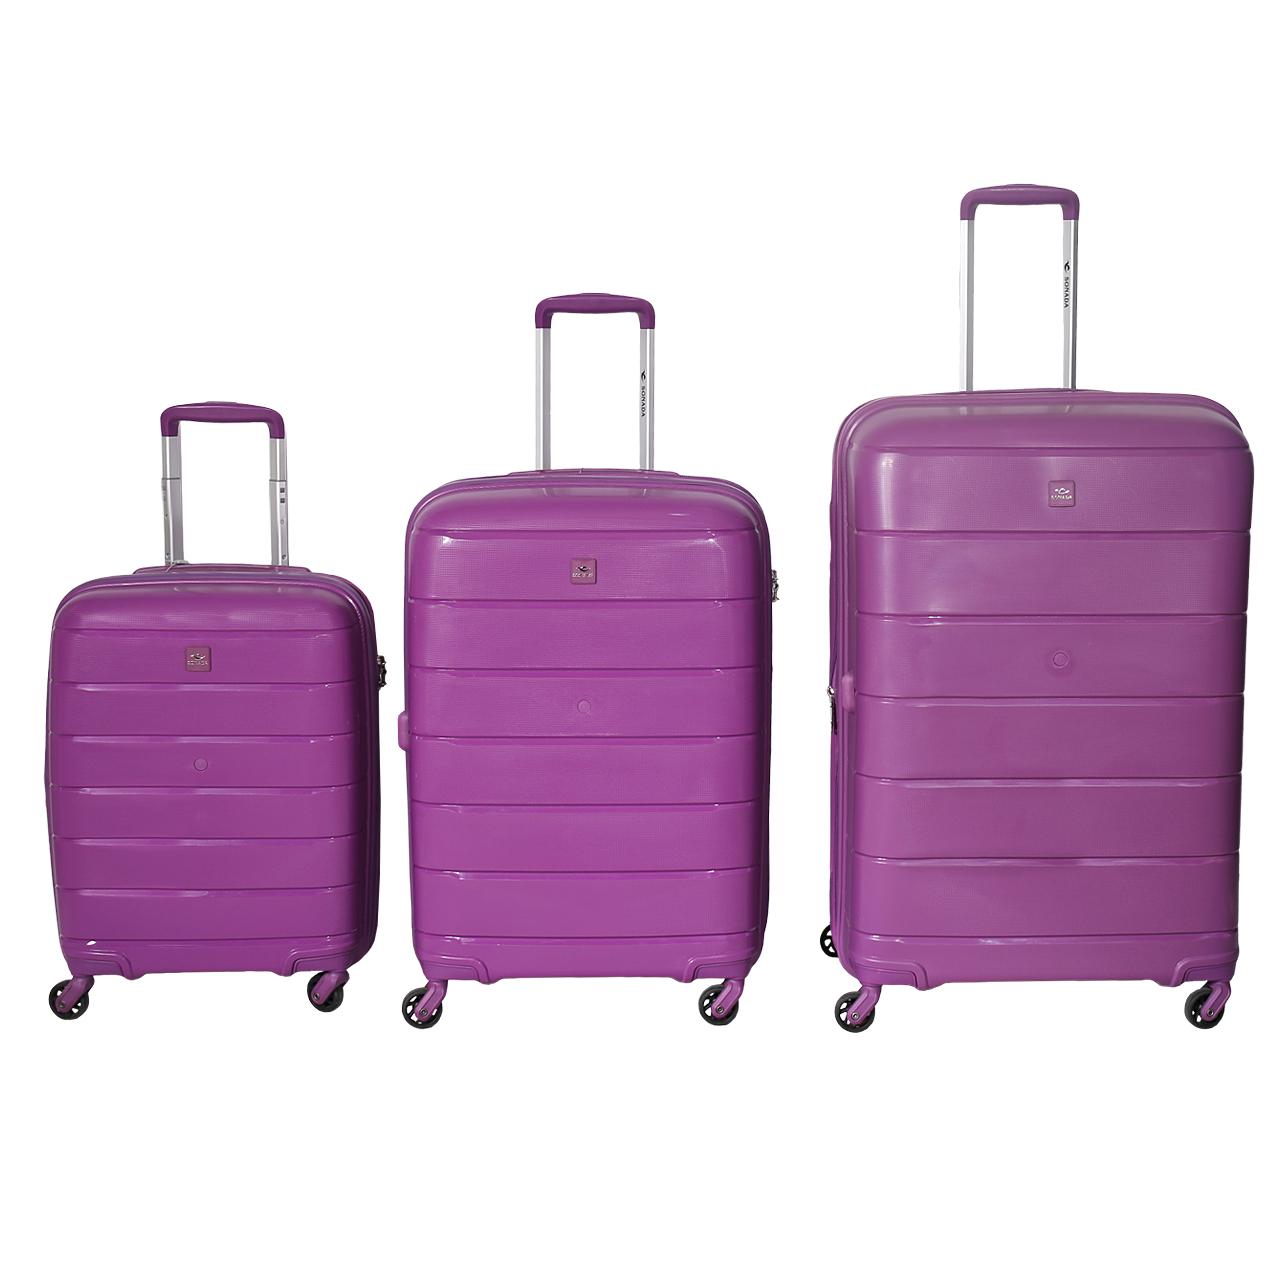 چمدان سونادا مدل MOONILIGHT مجموعه سه عددی